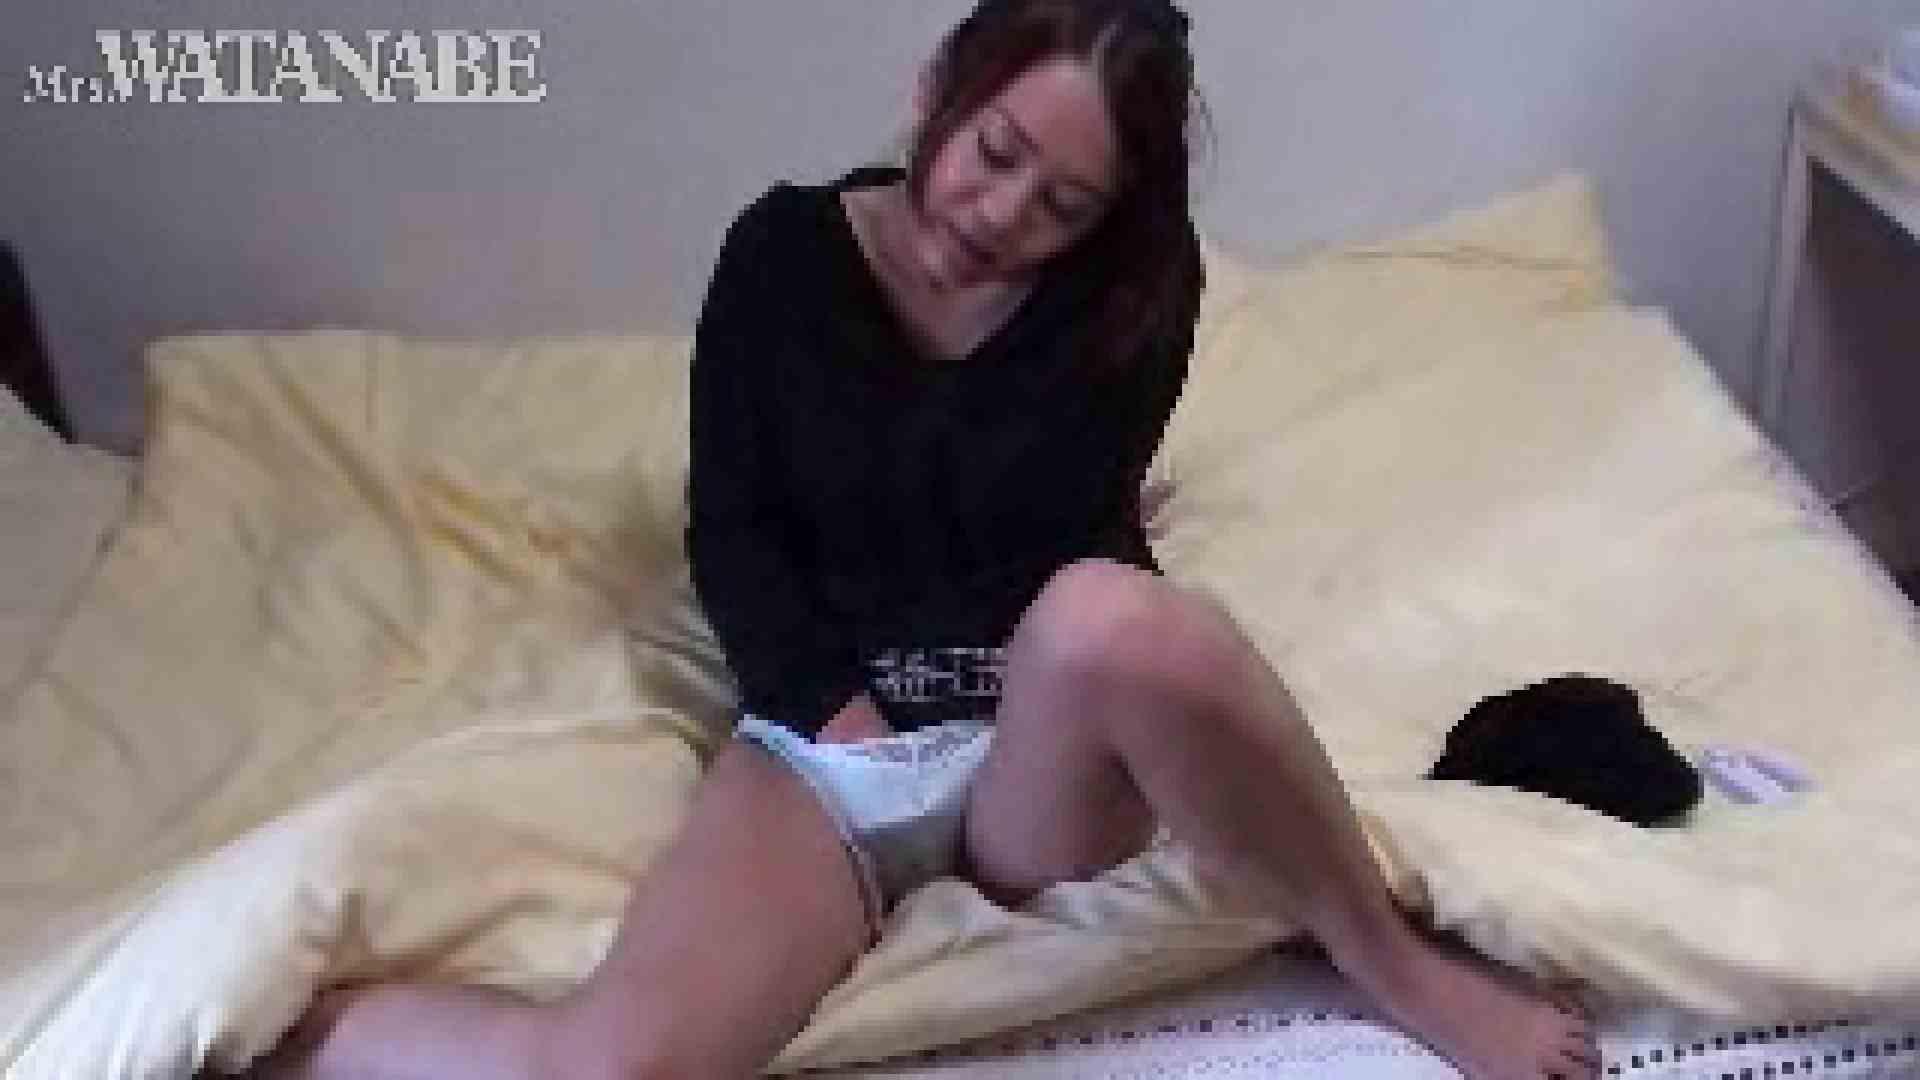 SNSで出会った人妻をハメ撮りしちゃいます 2回目 前編 投稿 | 人妻エロ映像  105pic 97